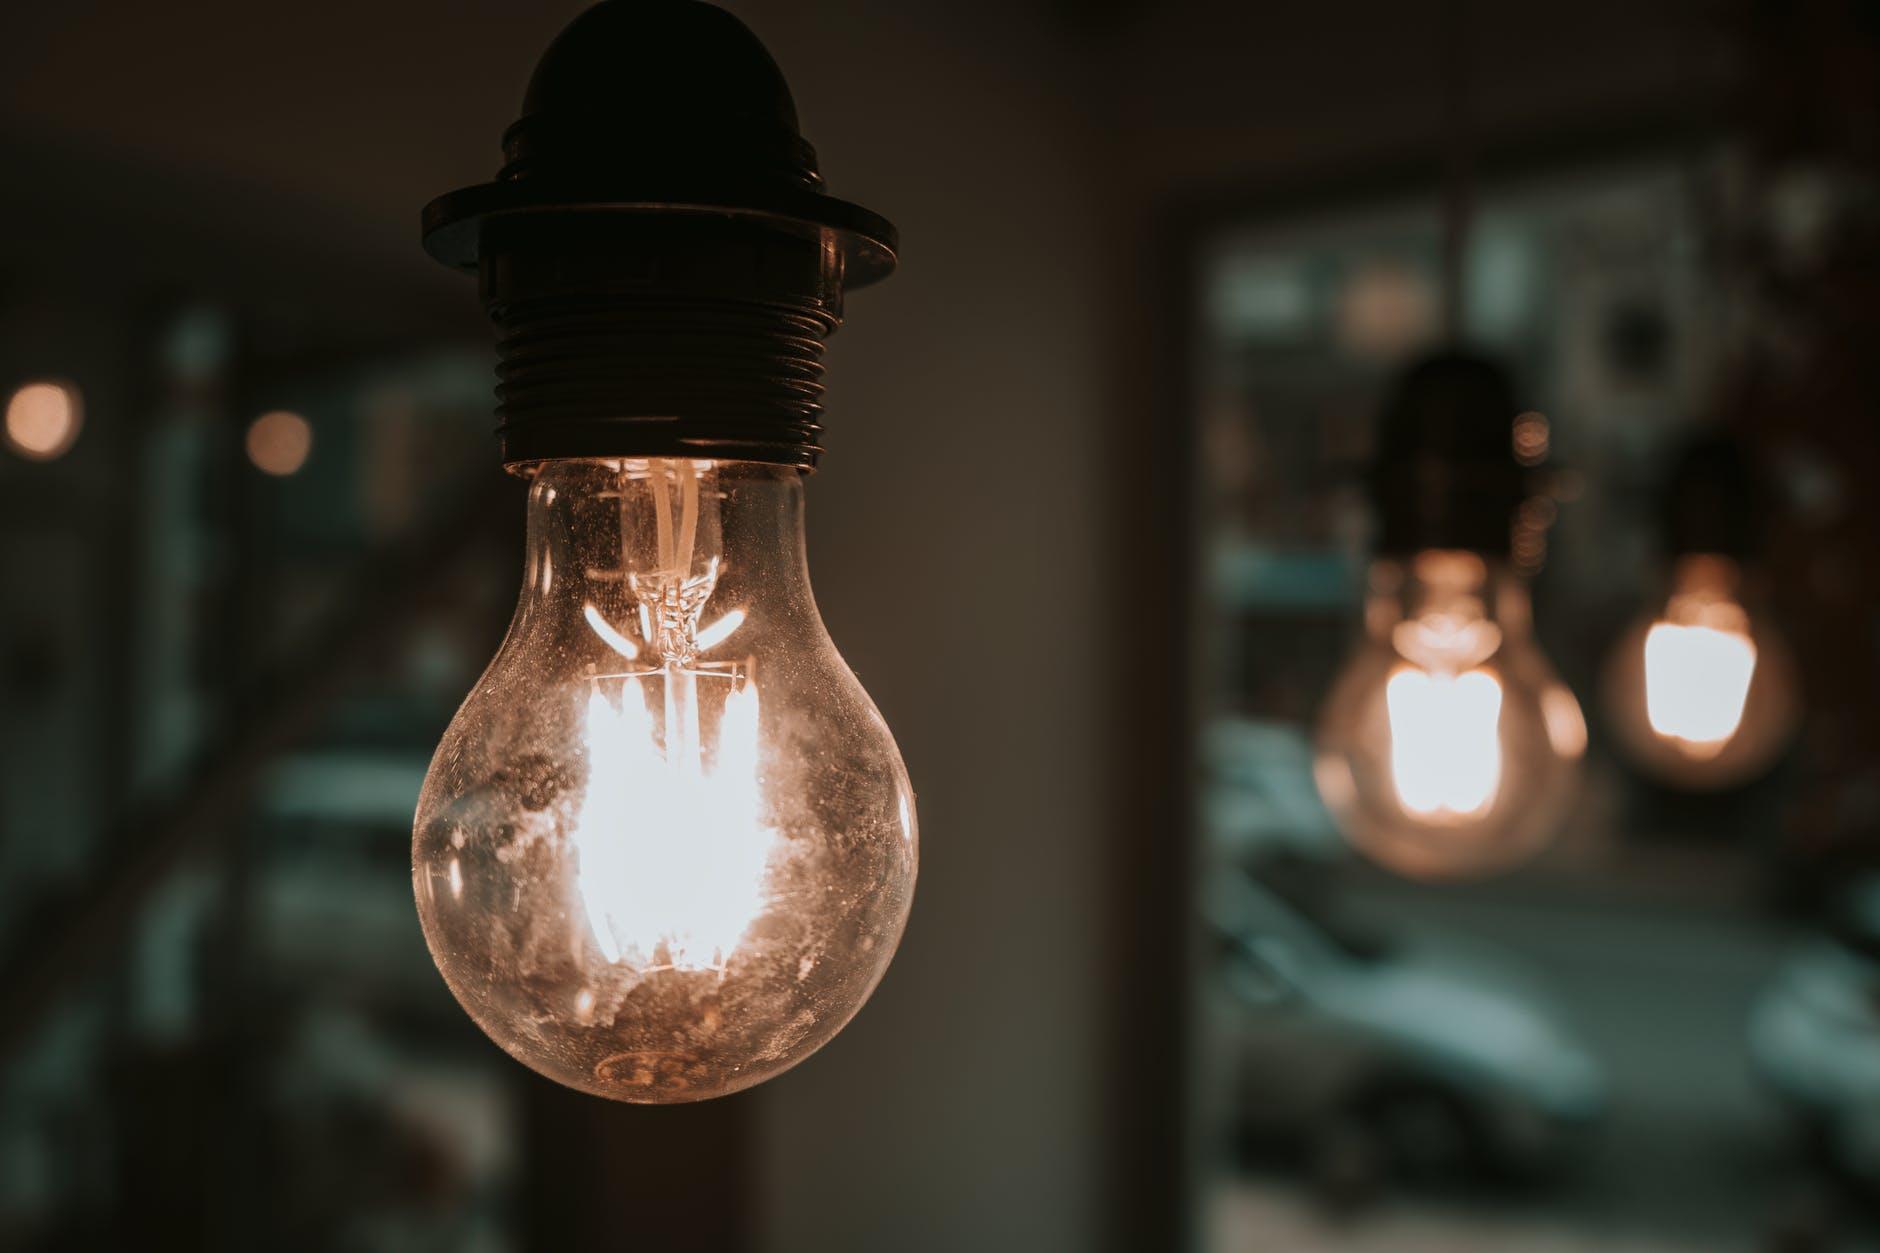 Analiza luminii1